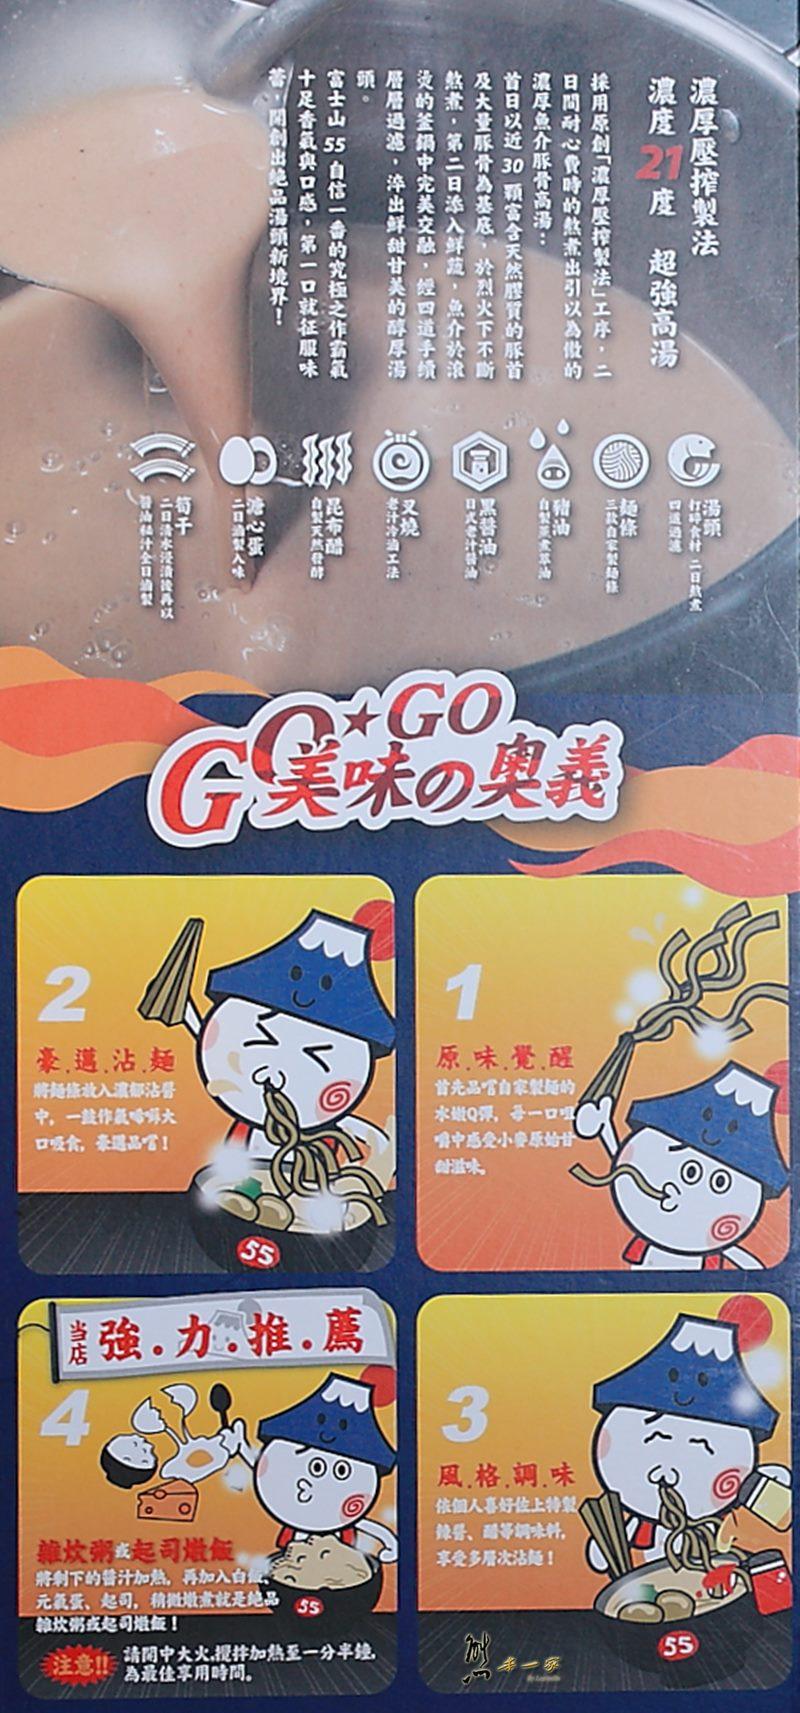 竹北美食餐廳|富士山55沾麵menu菜單放大清晰版|元祖沾麵本家 | Trip-Life旅攝生活(熊本一家)